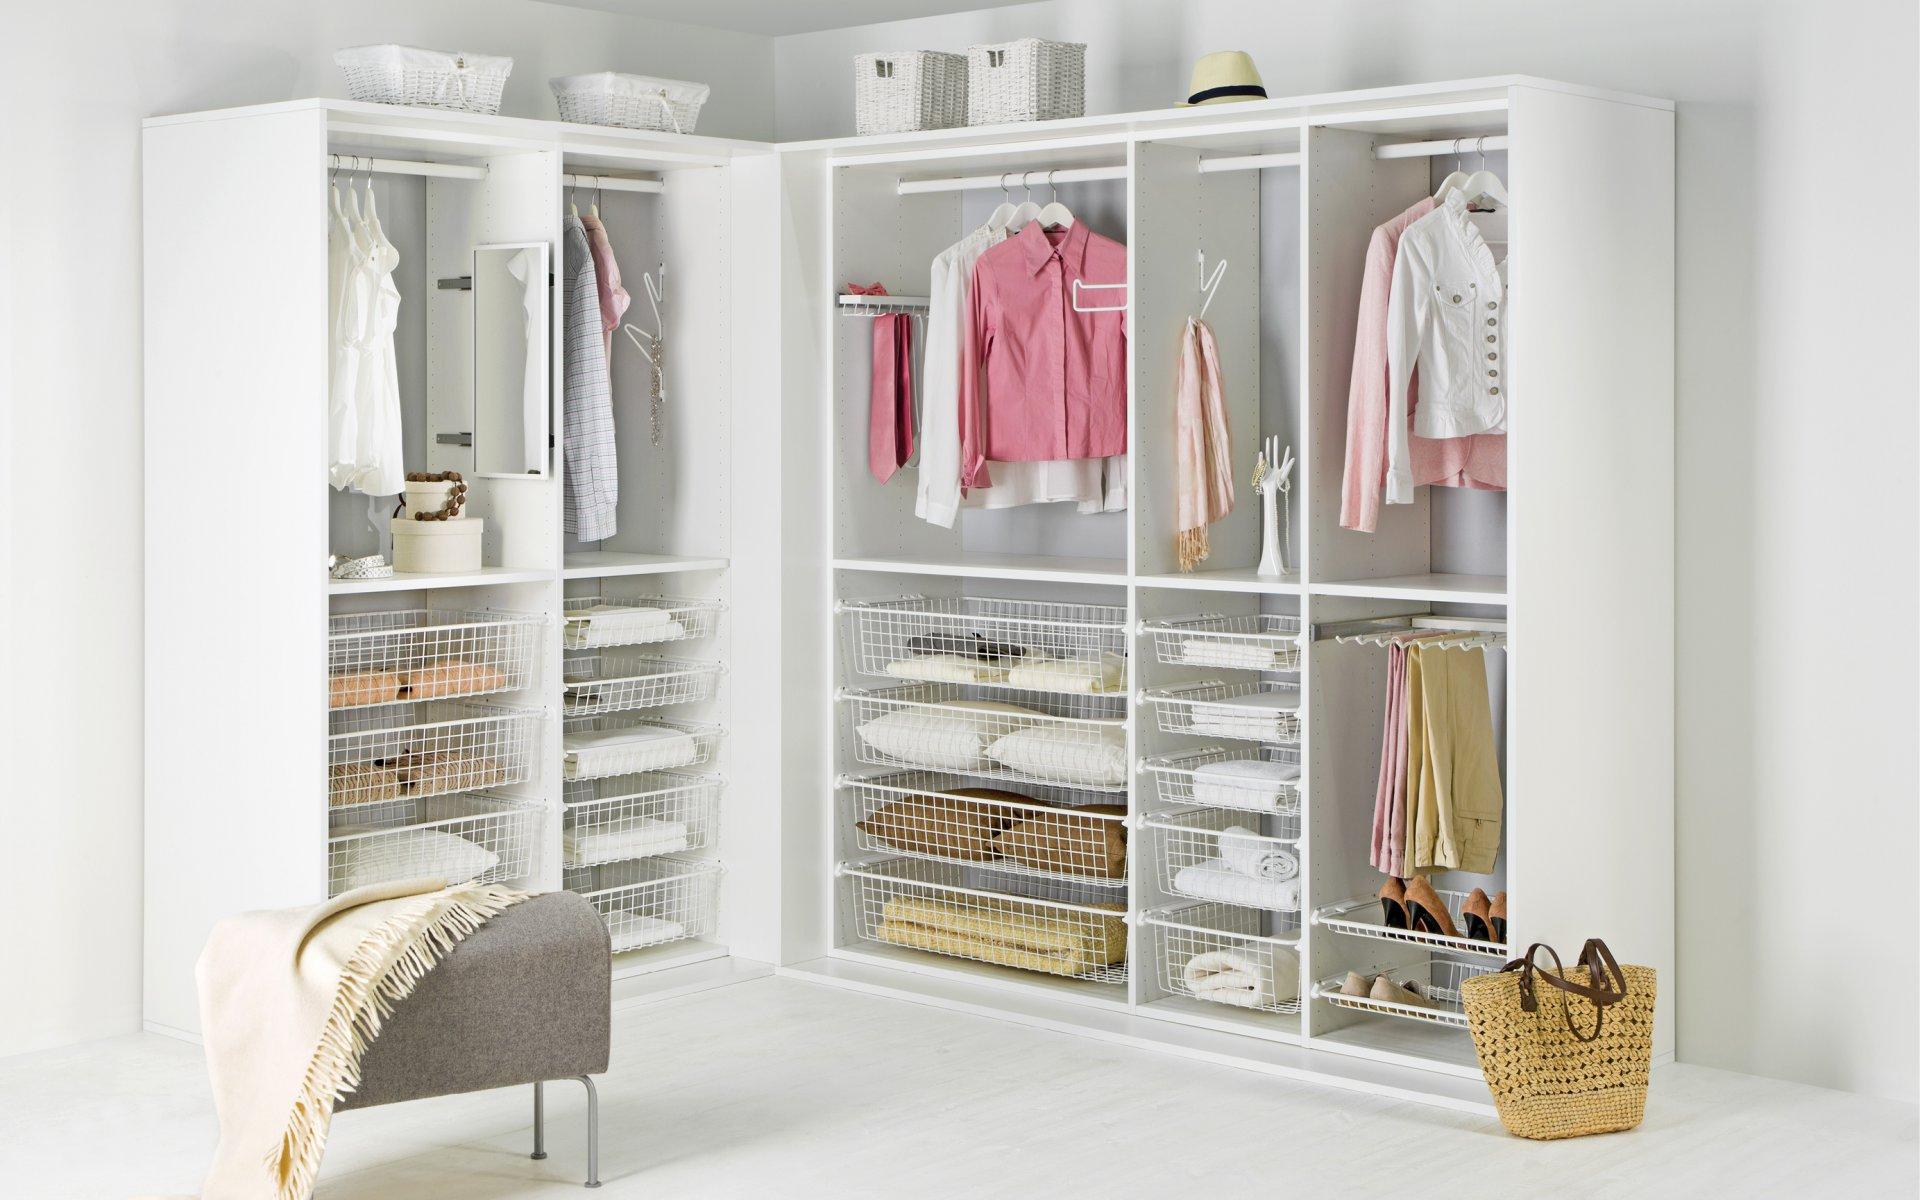 Garderobsystem-trådbackar_1328x830px2